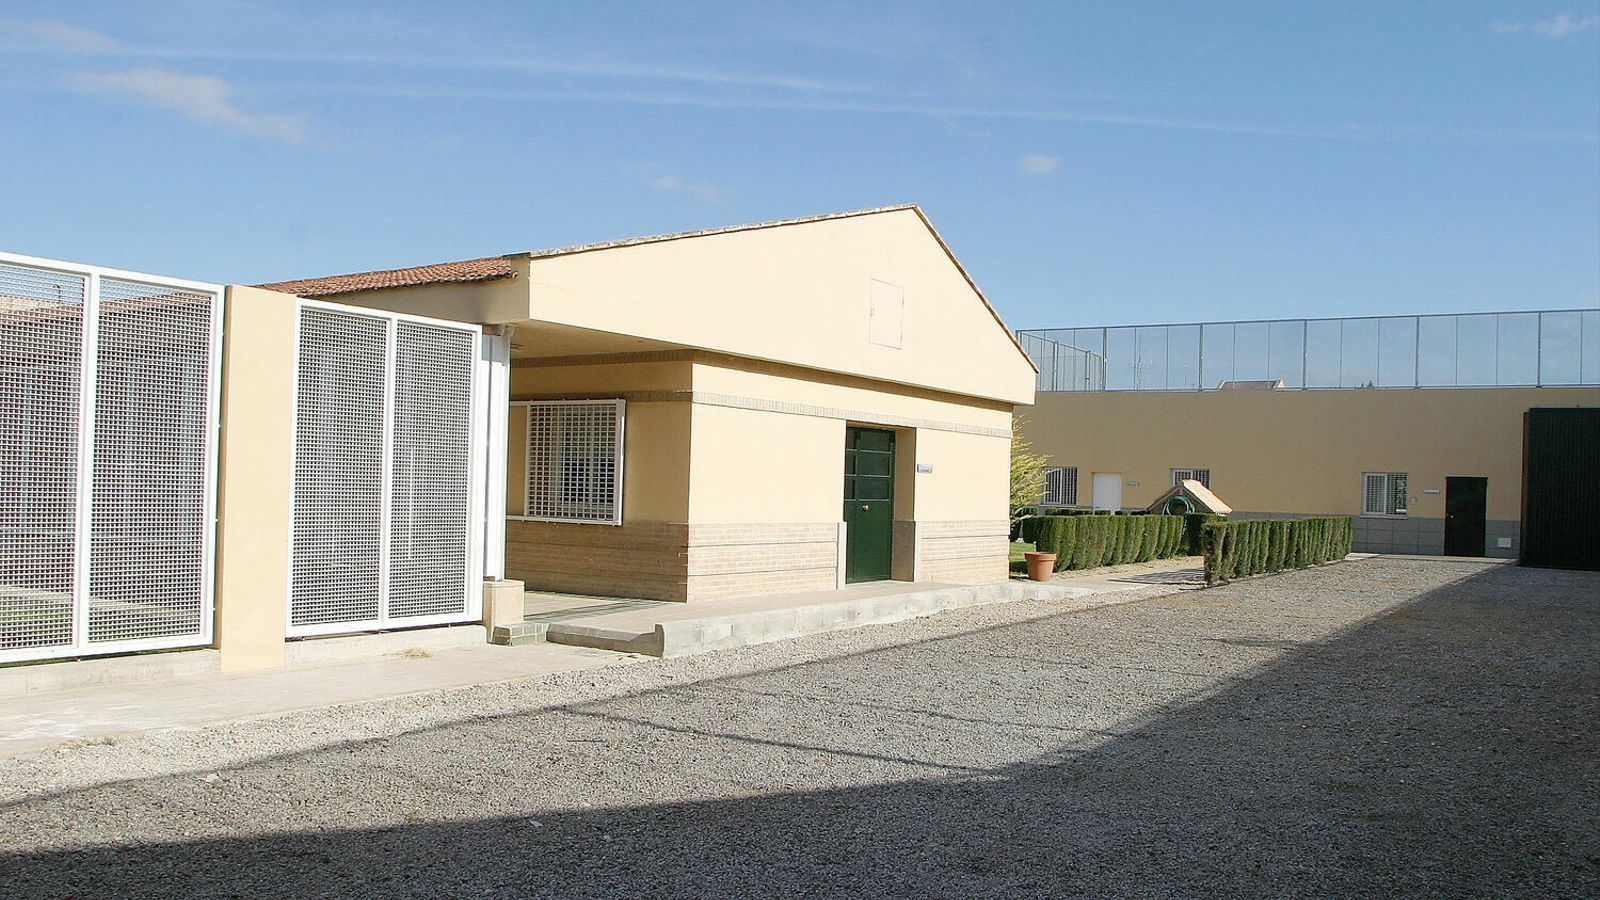 El centre de menors Es Pinaret, gestionat per la Fundació s'Estel